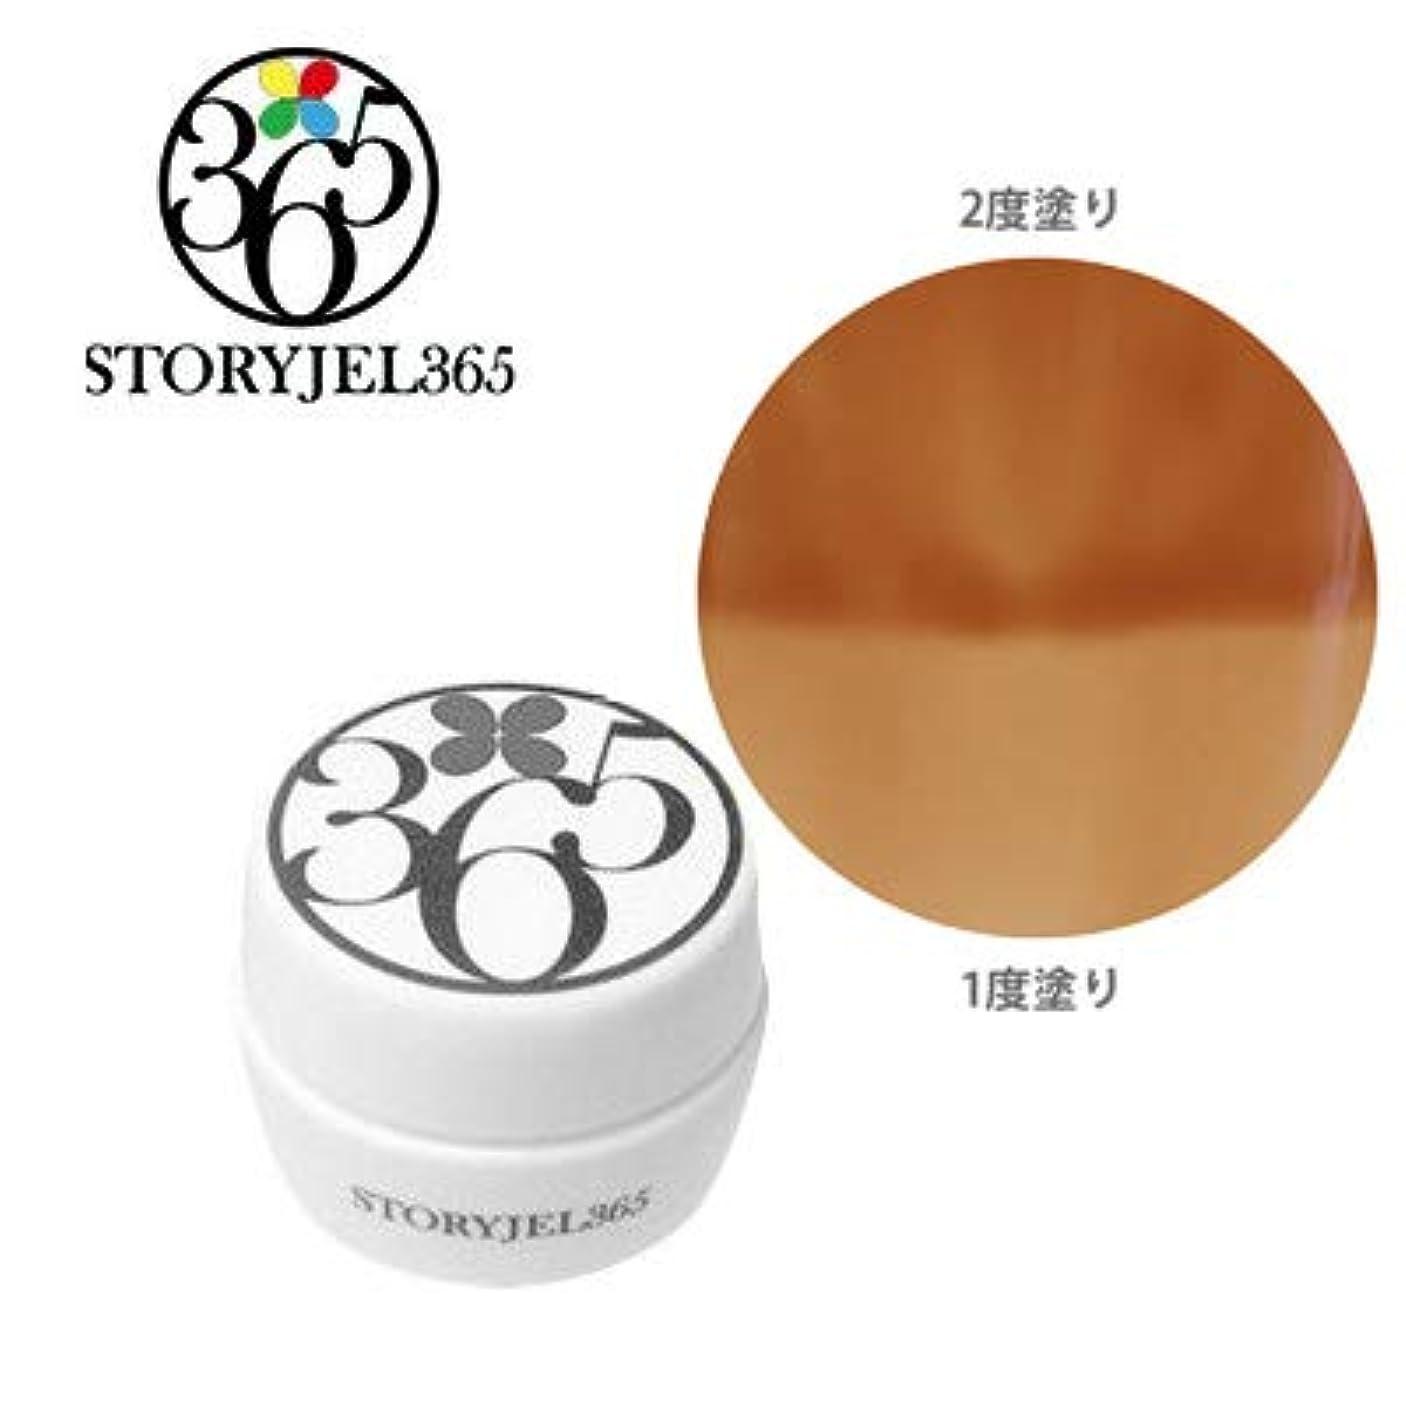 縞模様の価格ヘッジSTORY JEL365 カラージェル SJS-170S ブラックコーヒー